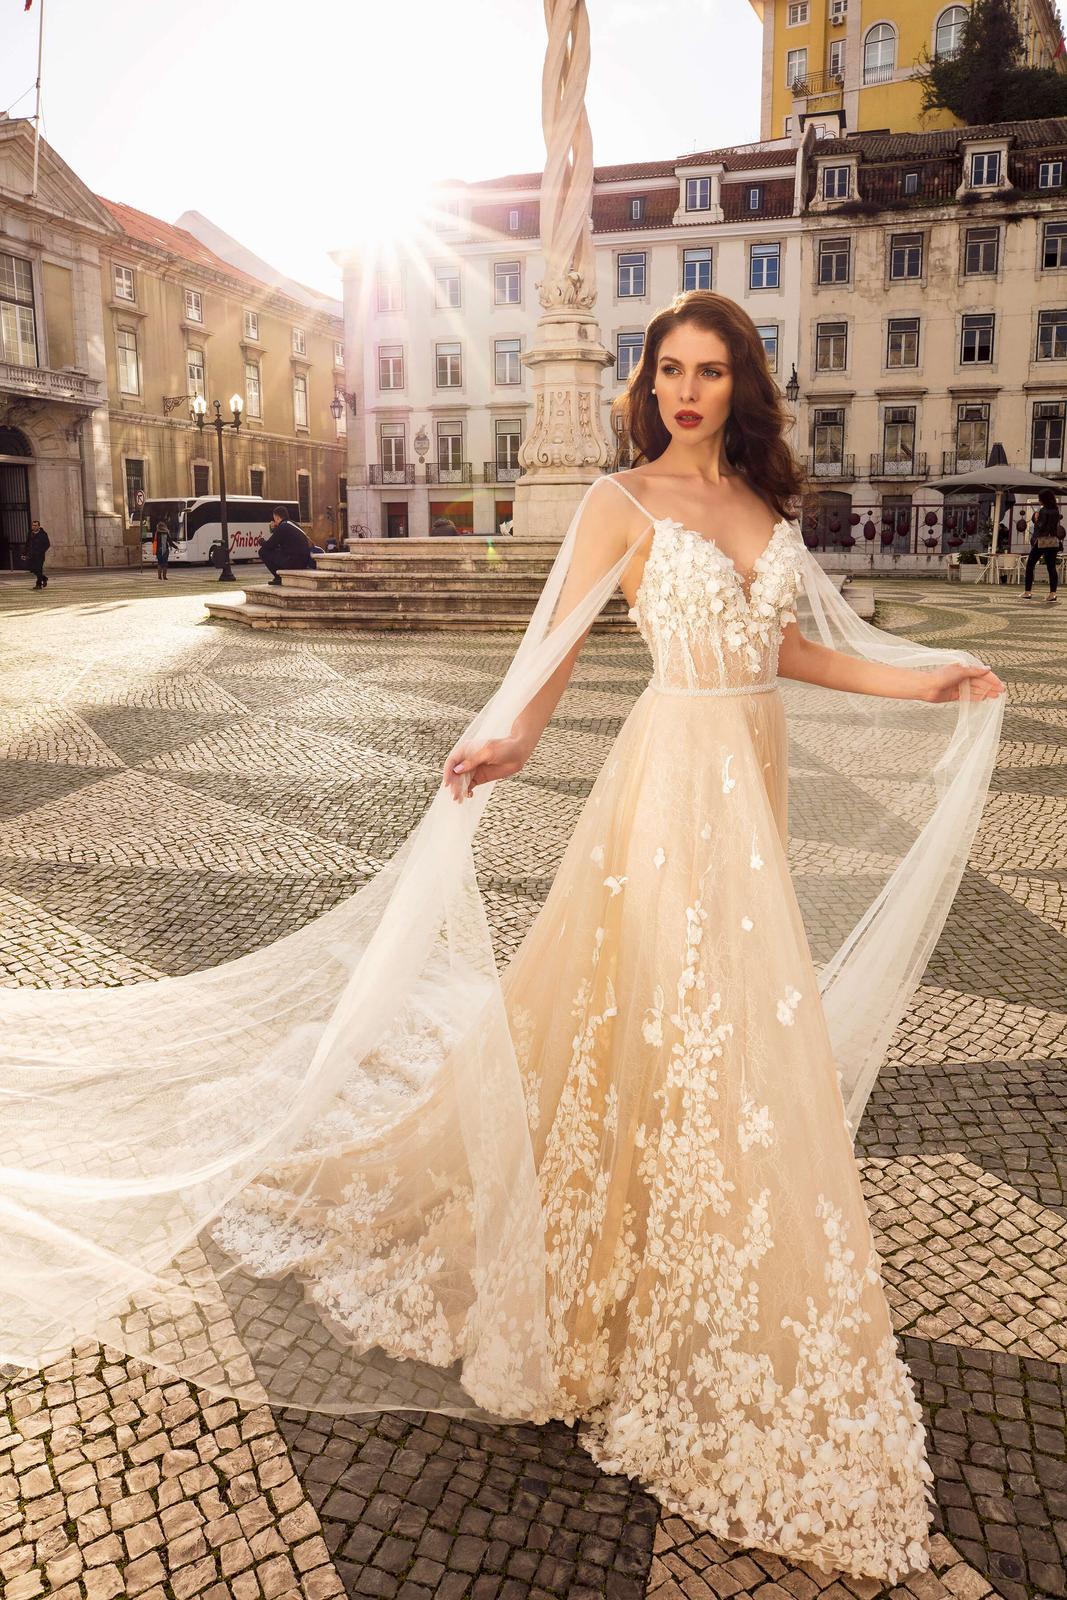 Innocentia Divina 2019 * Svadobné šaty z kolekcií na rok 2019 - Obrázok č. 67